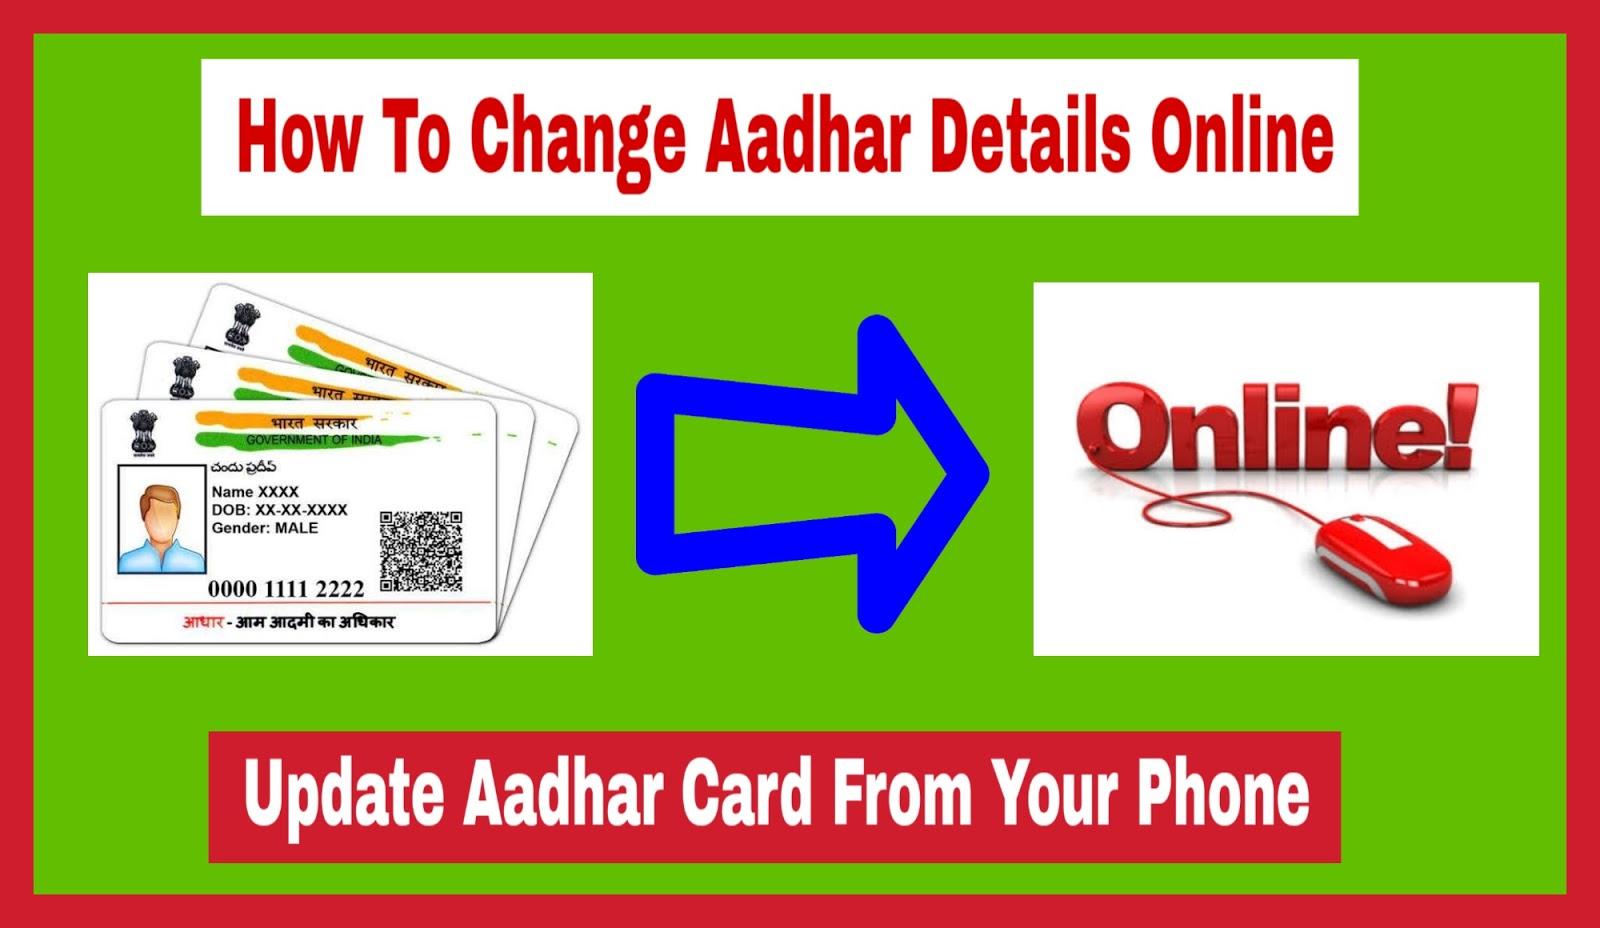 How To Change Aadhaar Details Online